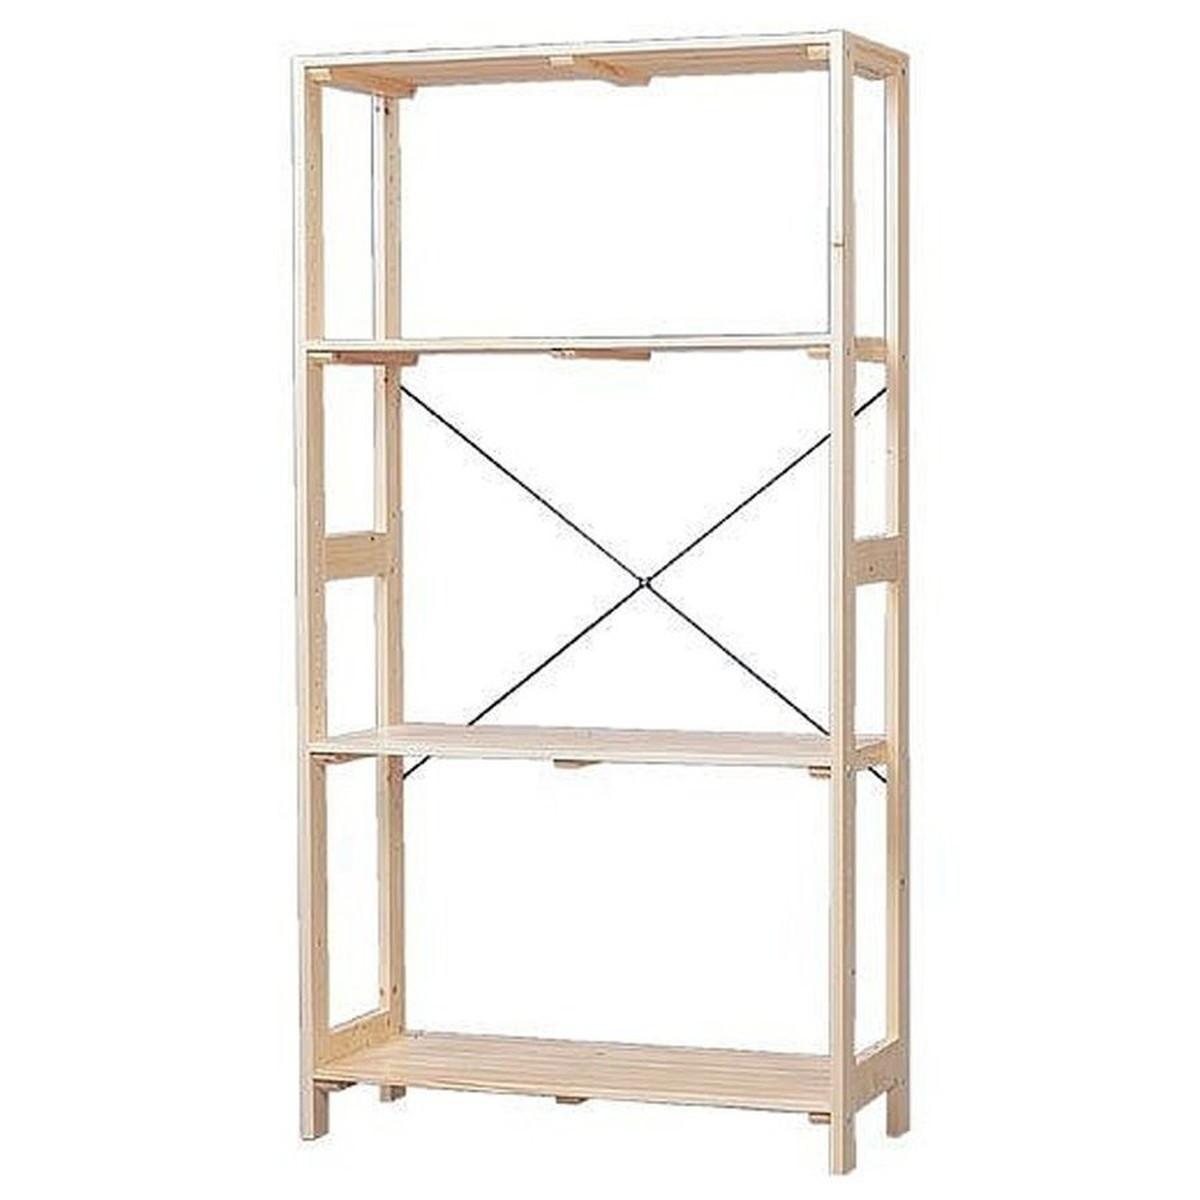 アイリスオーヤマ IRIS OHYAMA WOR-8315 ラック 木製 ウッディラック 幅83.5×奥行35×高さ147cm クリア インテリア 収納 収納棚【クーポン配布中】